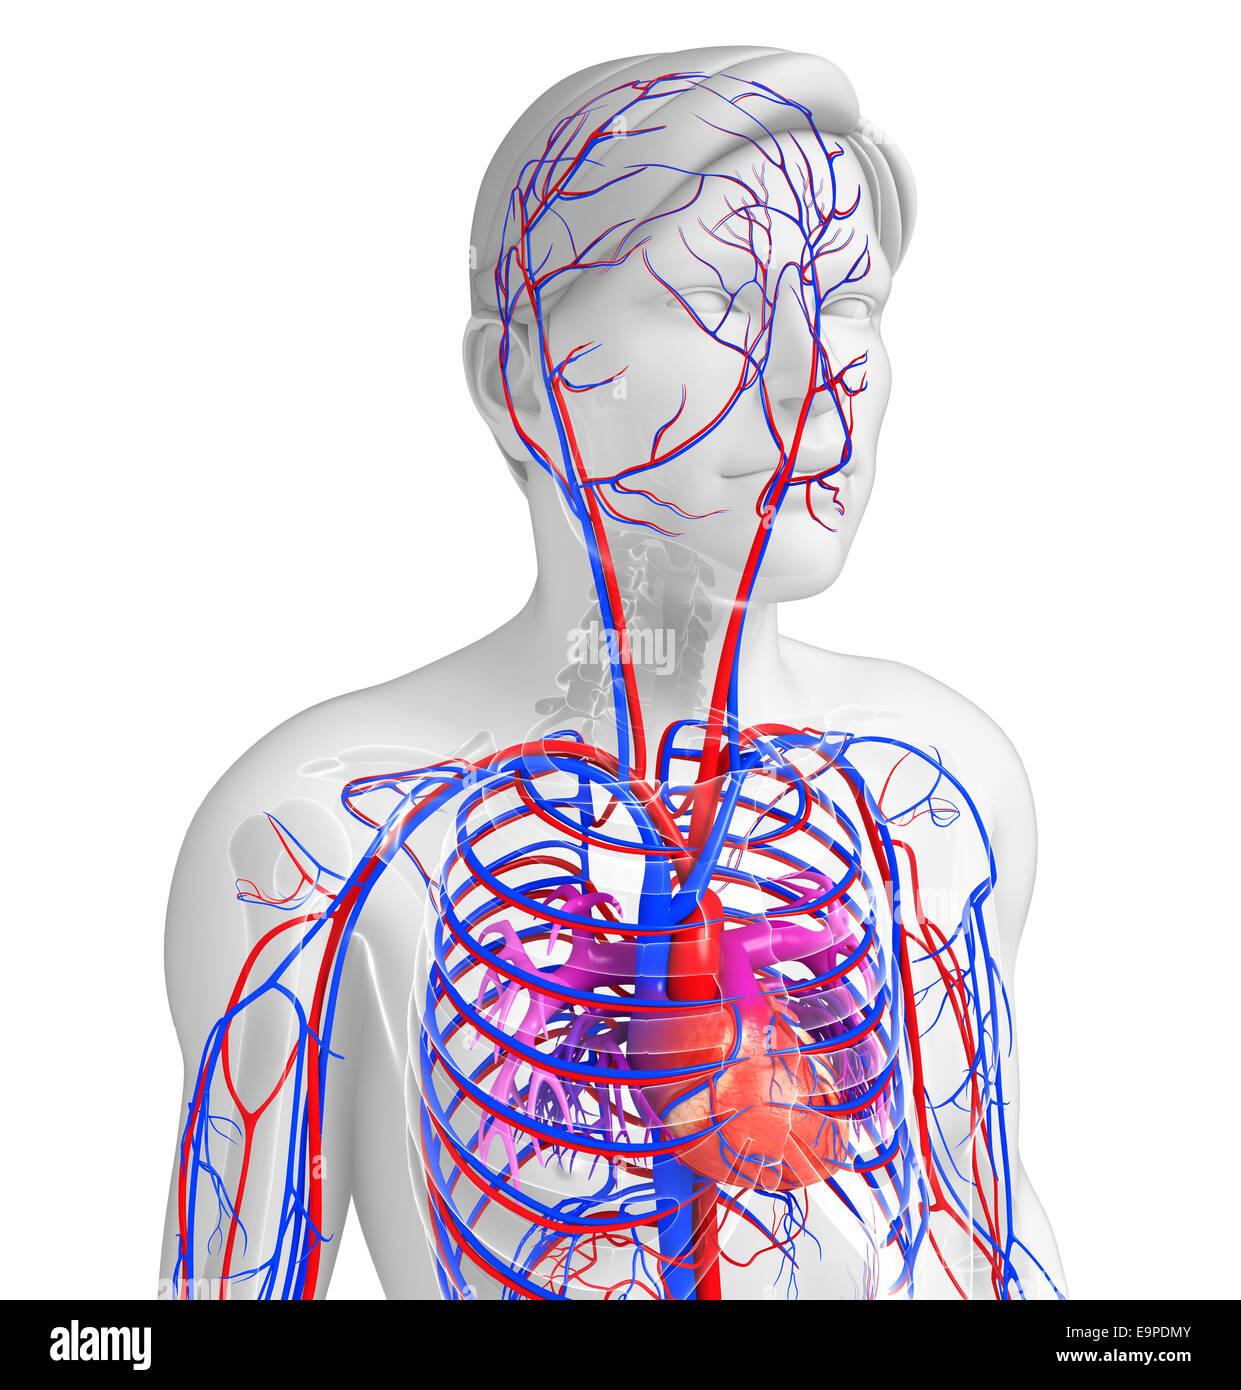 Heart Veins Arteries Stockfotos & Heart Veins Arteries Bilder ...